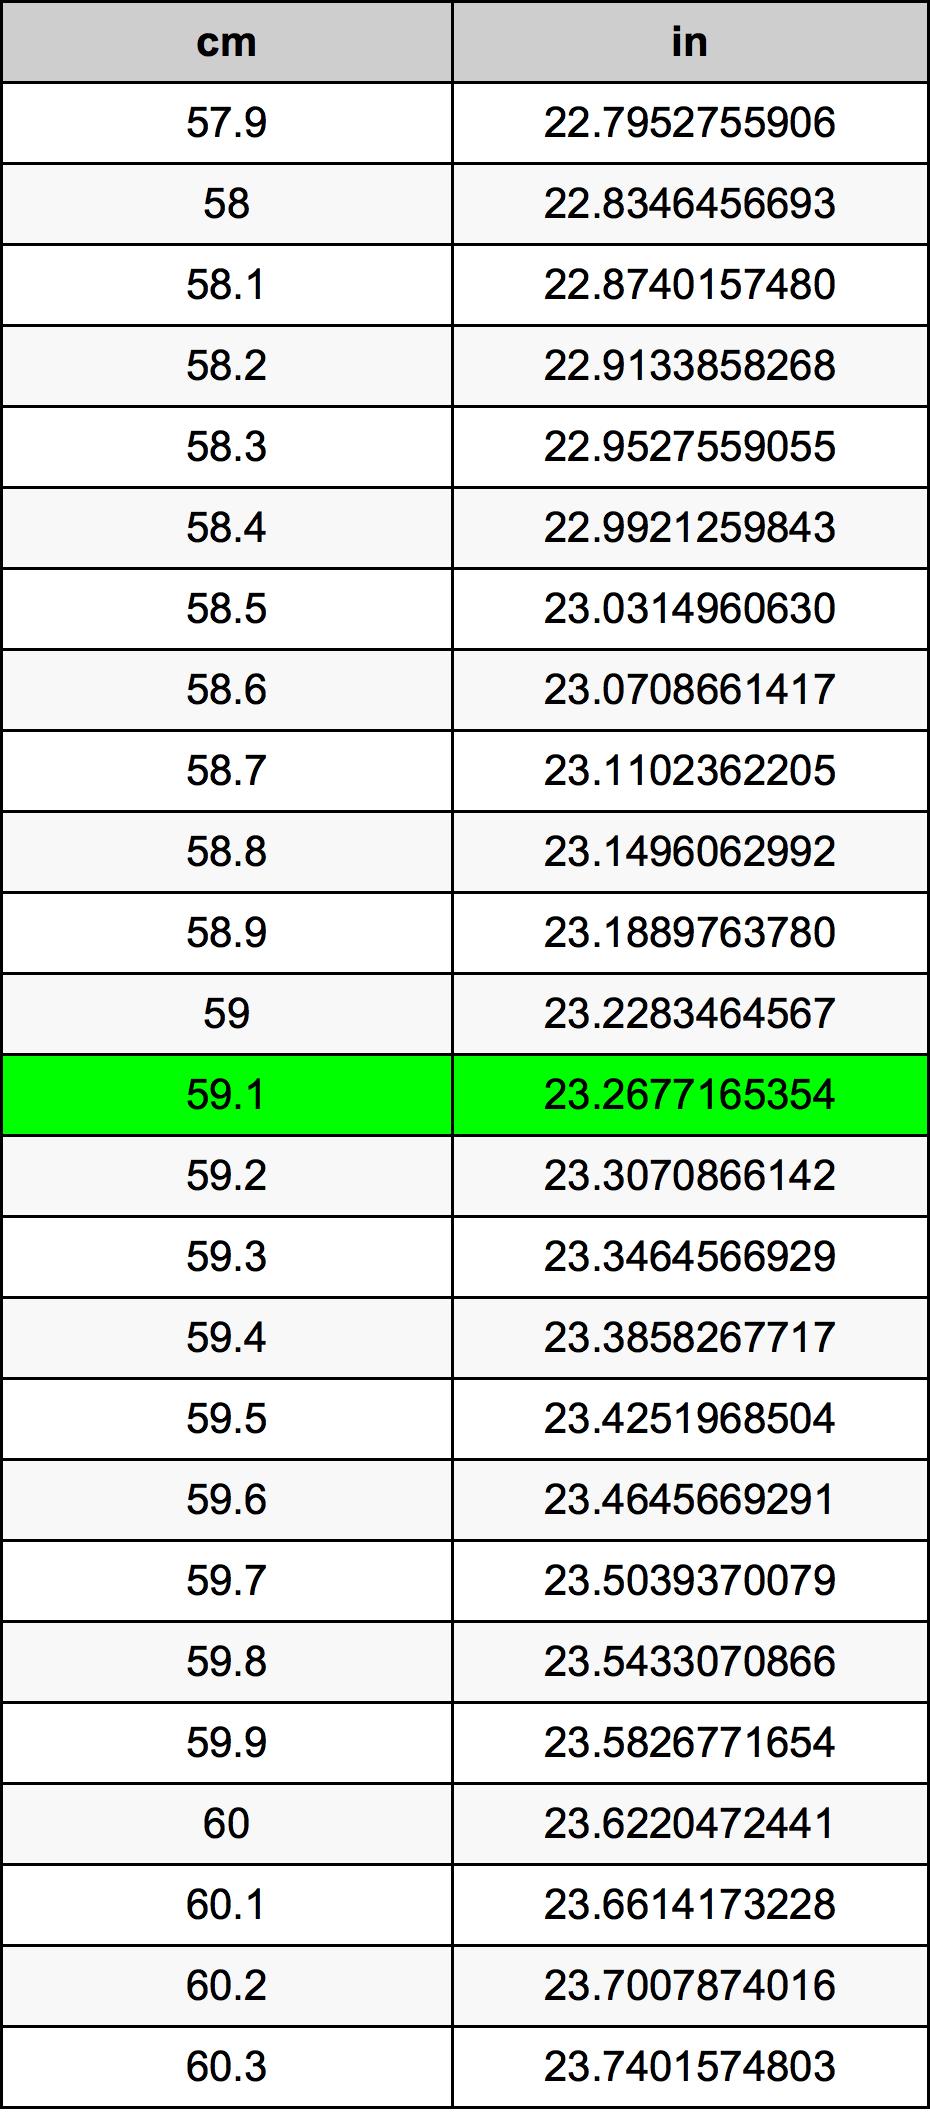 59.1 Centymetr tabela przeliczeniowa